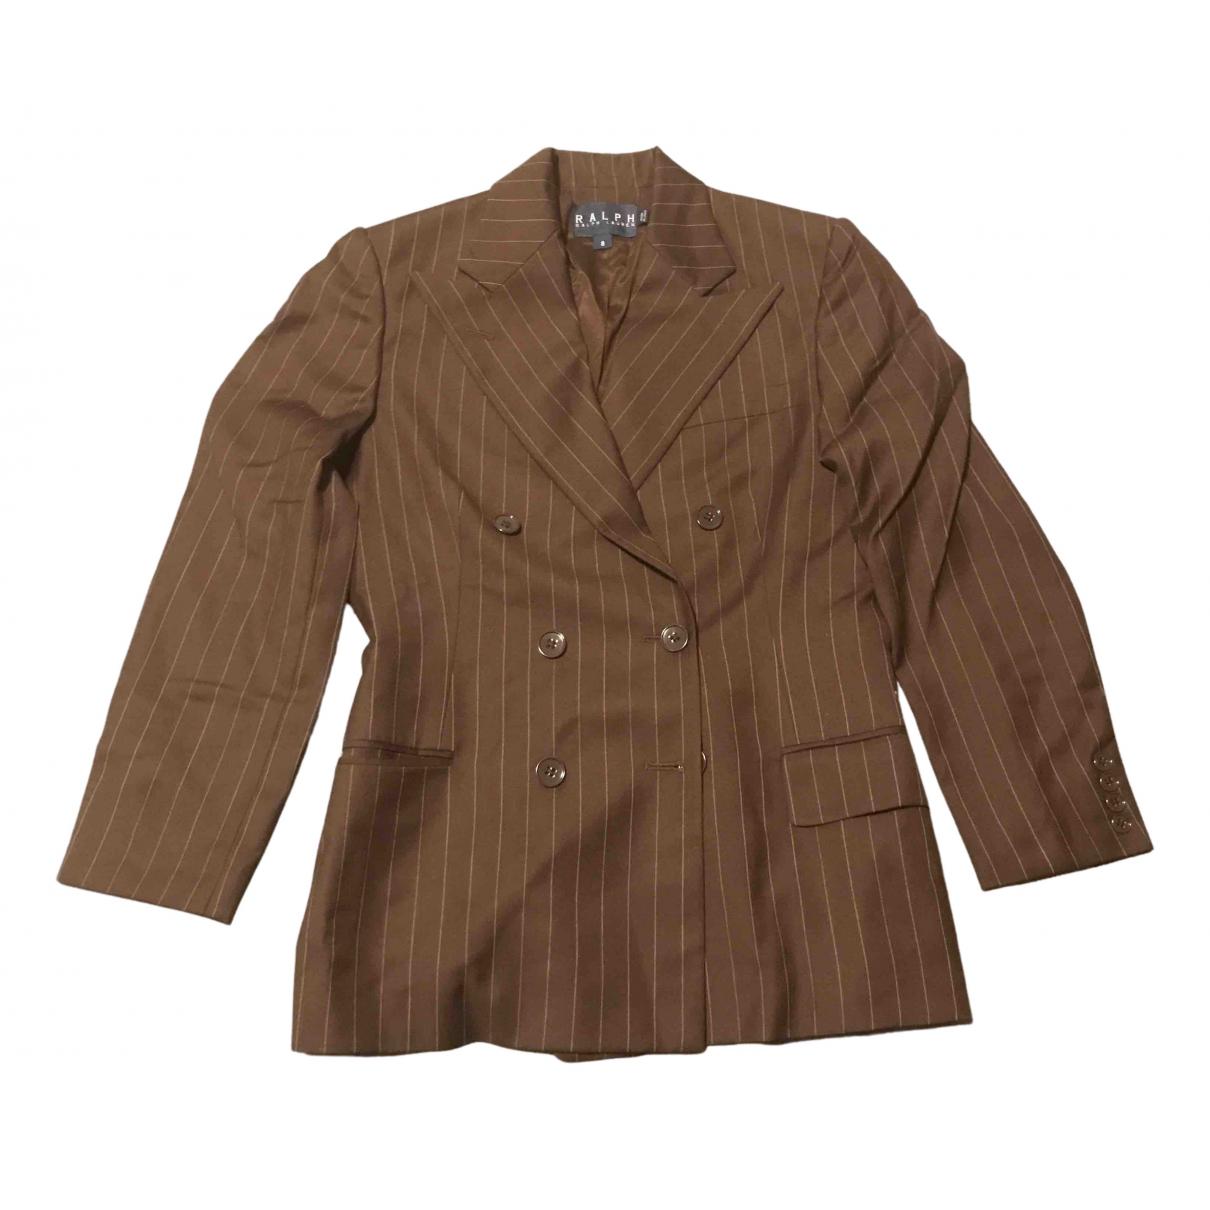 Ralph Lauren \N Jacke in  Braun Wolle